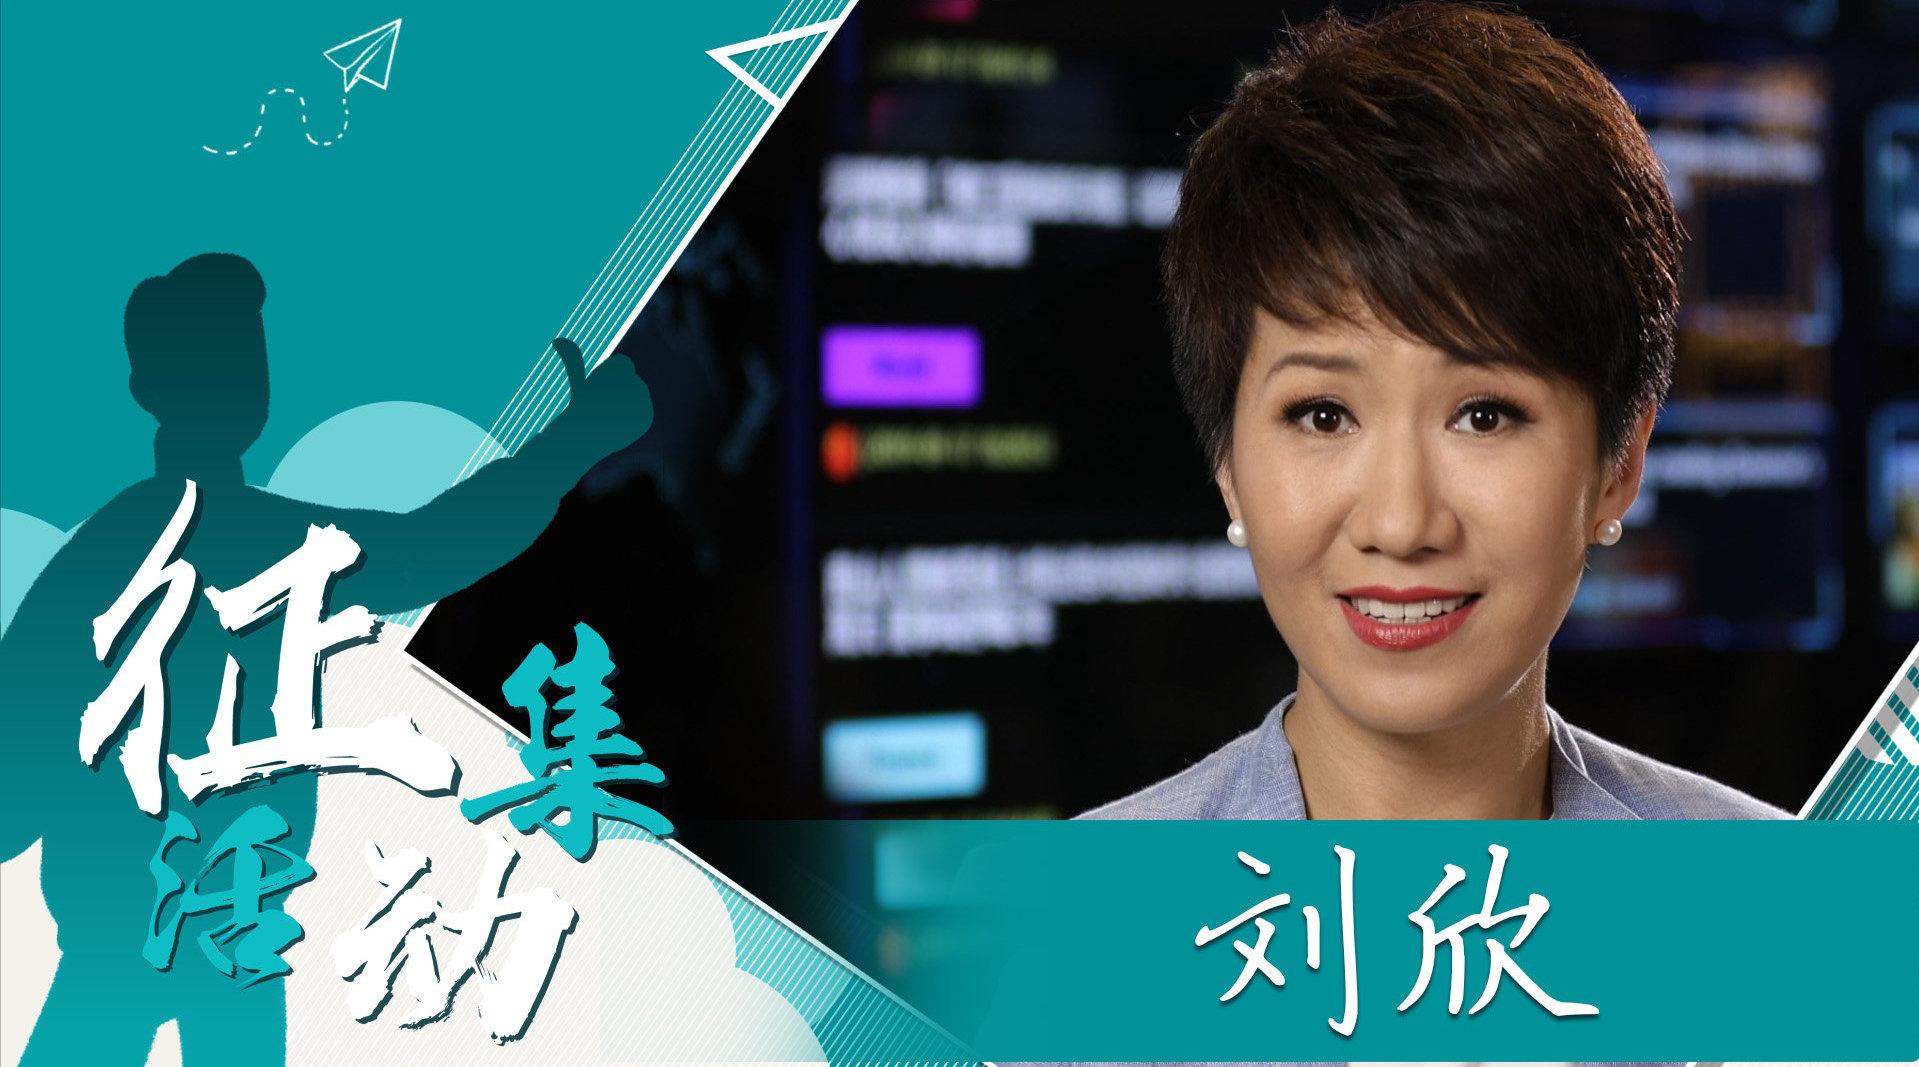 中央广播电视总台CGTN《视点》栏目主播@刘欣CGTN 啦